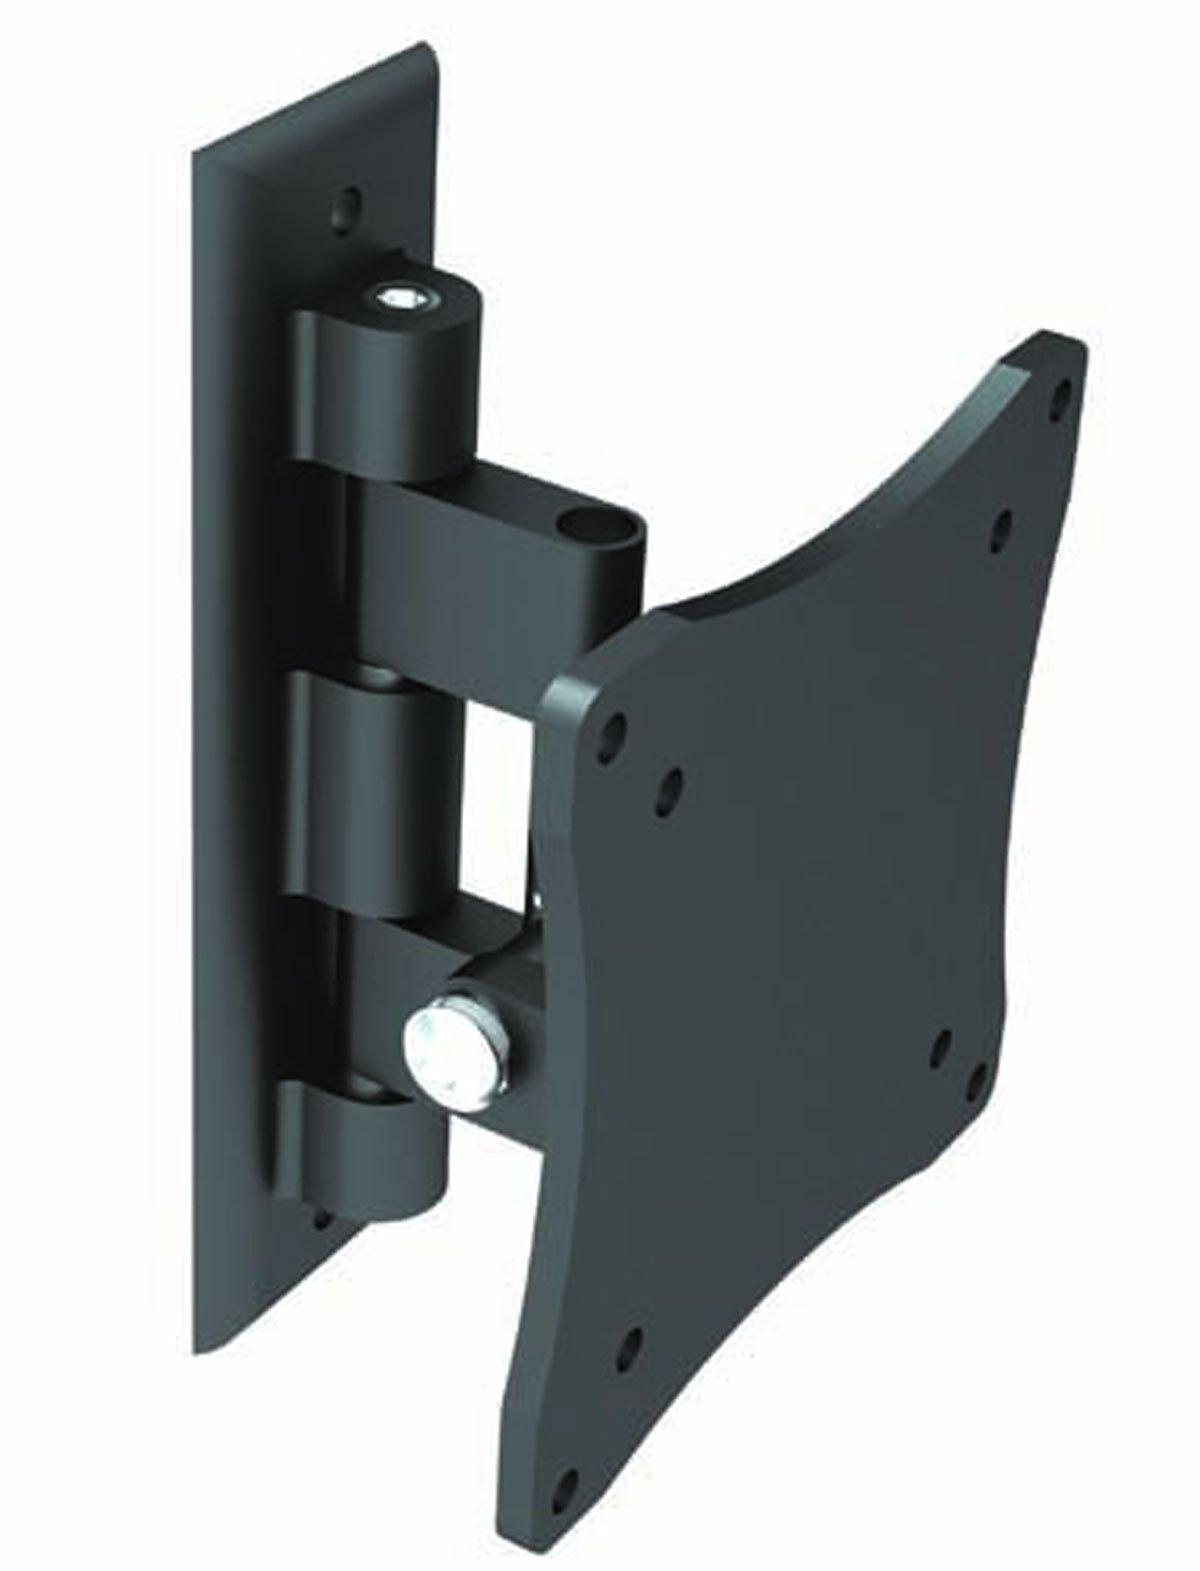 Black Full-Motion Tilt/Swivel Wall Mount Bracket for LG 29UM65-P 29'' inch LED Monitor - Articulating/Tilting/Swiveling